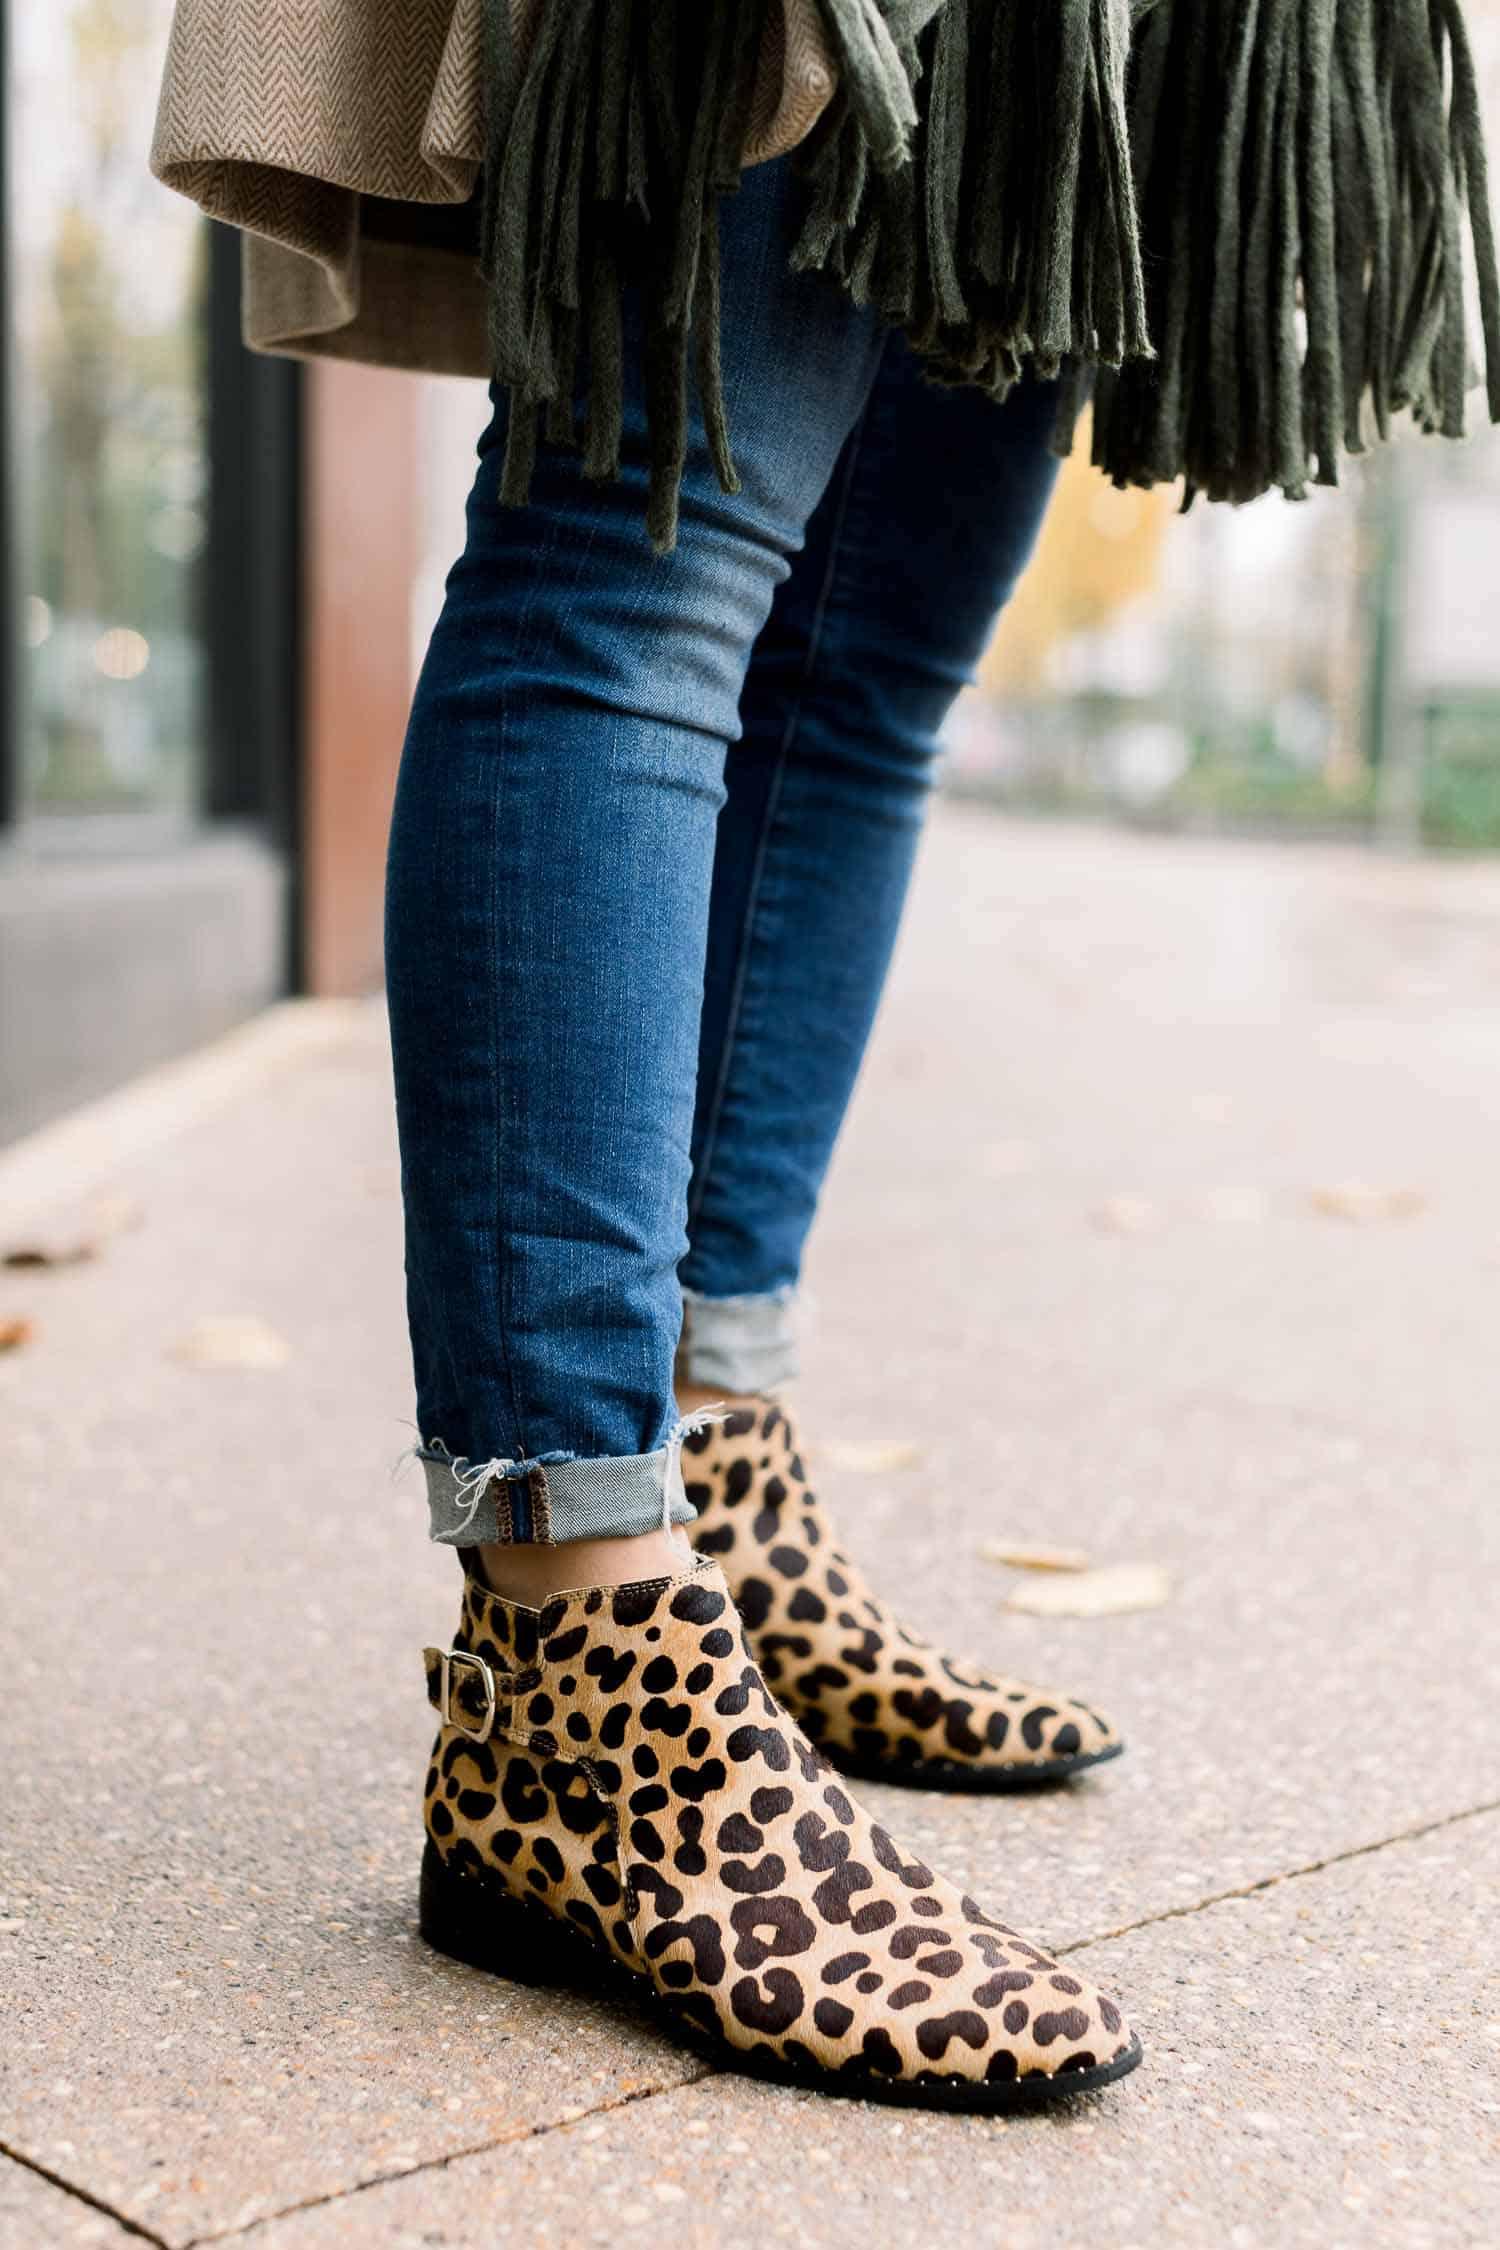 Steven Leopard Booties